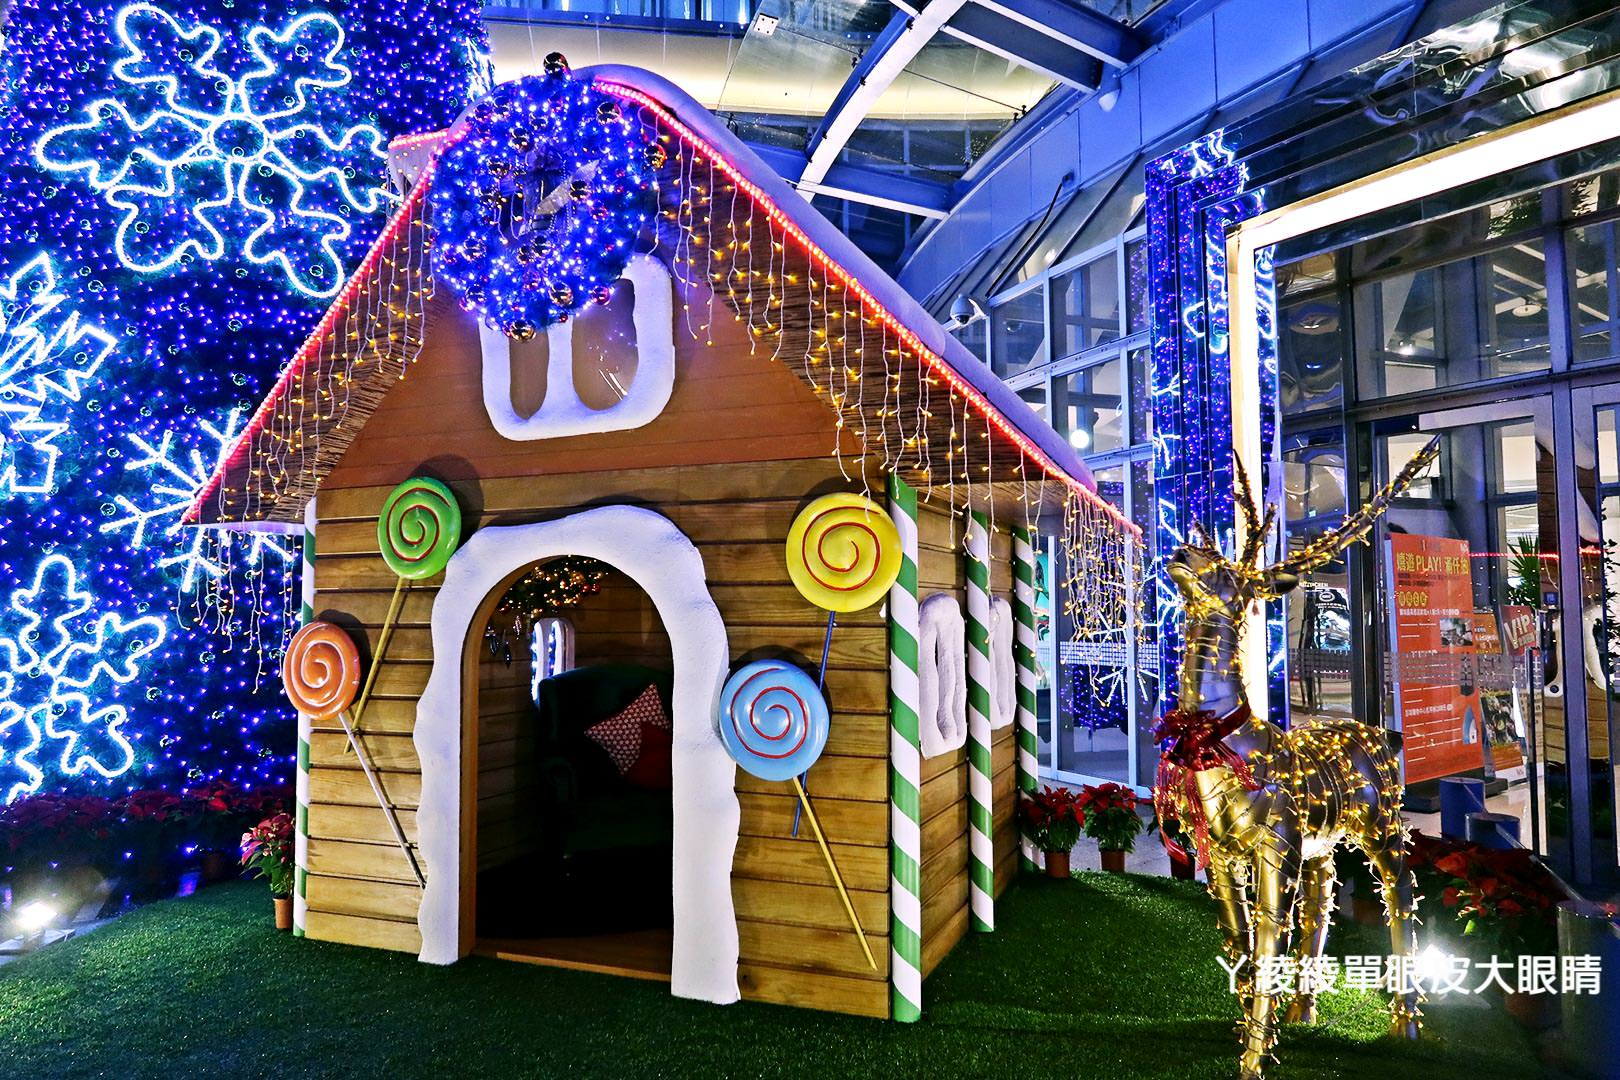 2018巨城聖誕樹點燈!聖誕愛無限點燈儀式來囉!